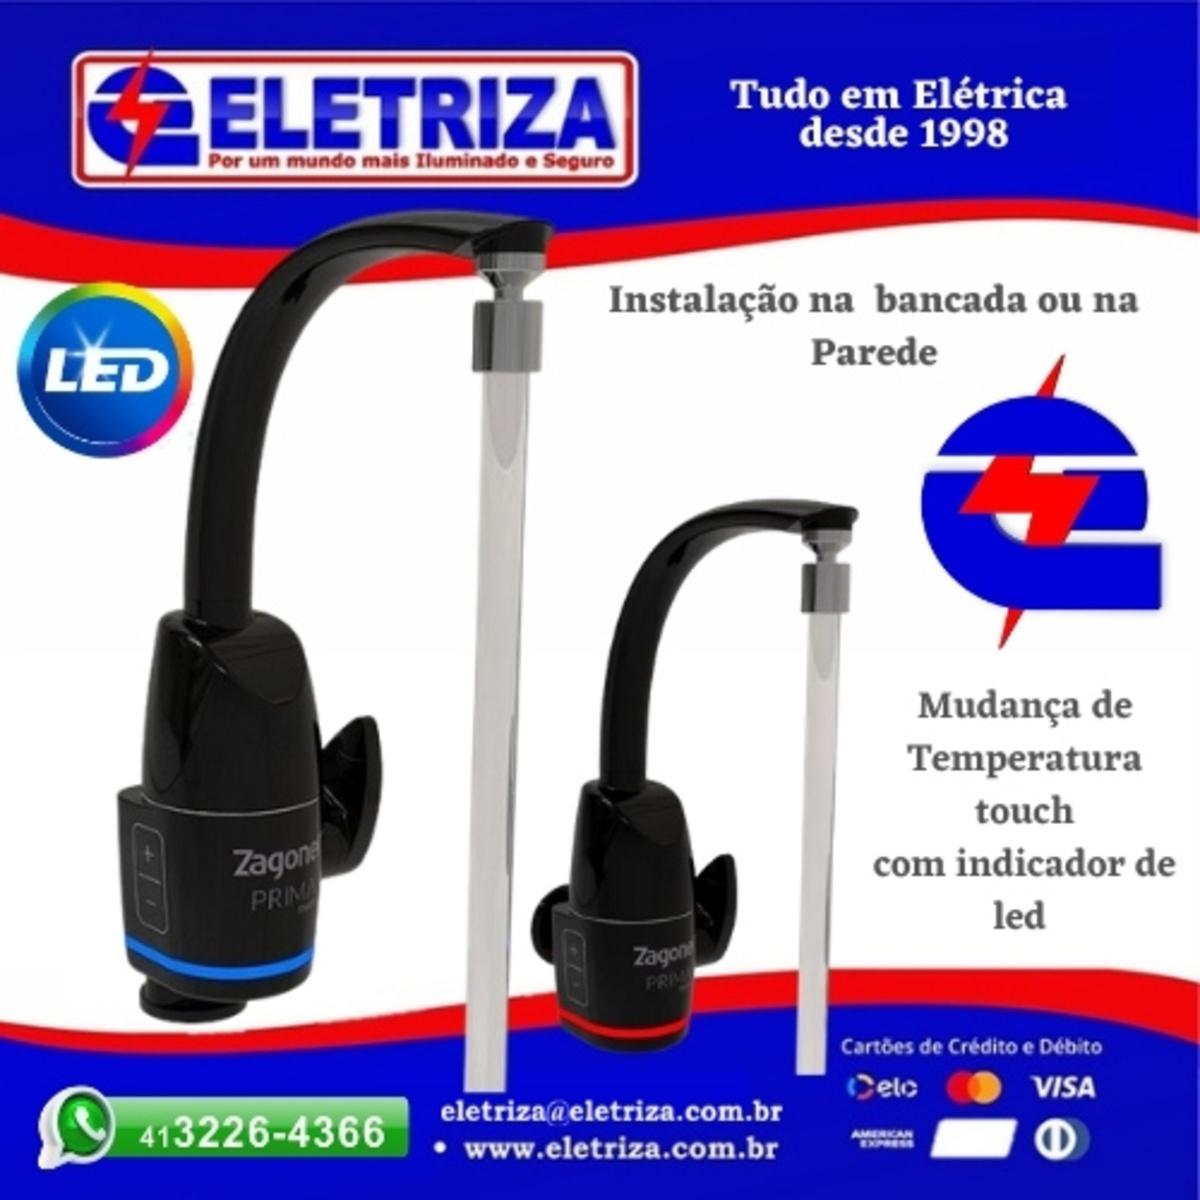 TORNEIRA ELETRICA DE PAREDE E BANCADA -   PRIMA 220V 5500W BLACK ZAGONEL - INDICADOR DE TEMPERATURA  EM LED TOUCH